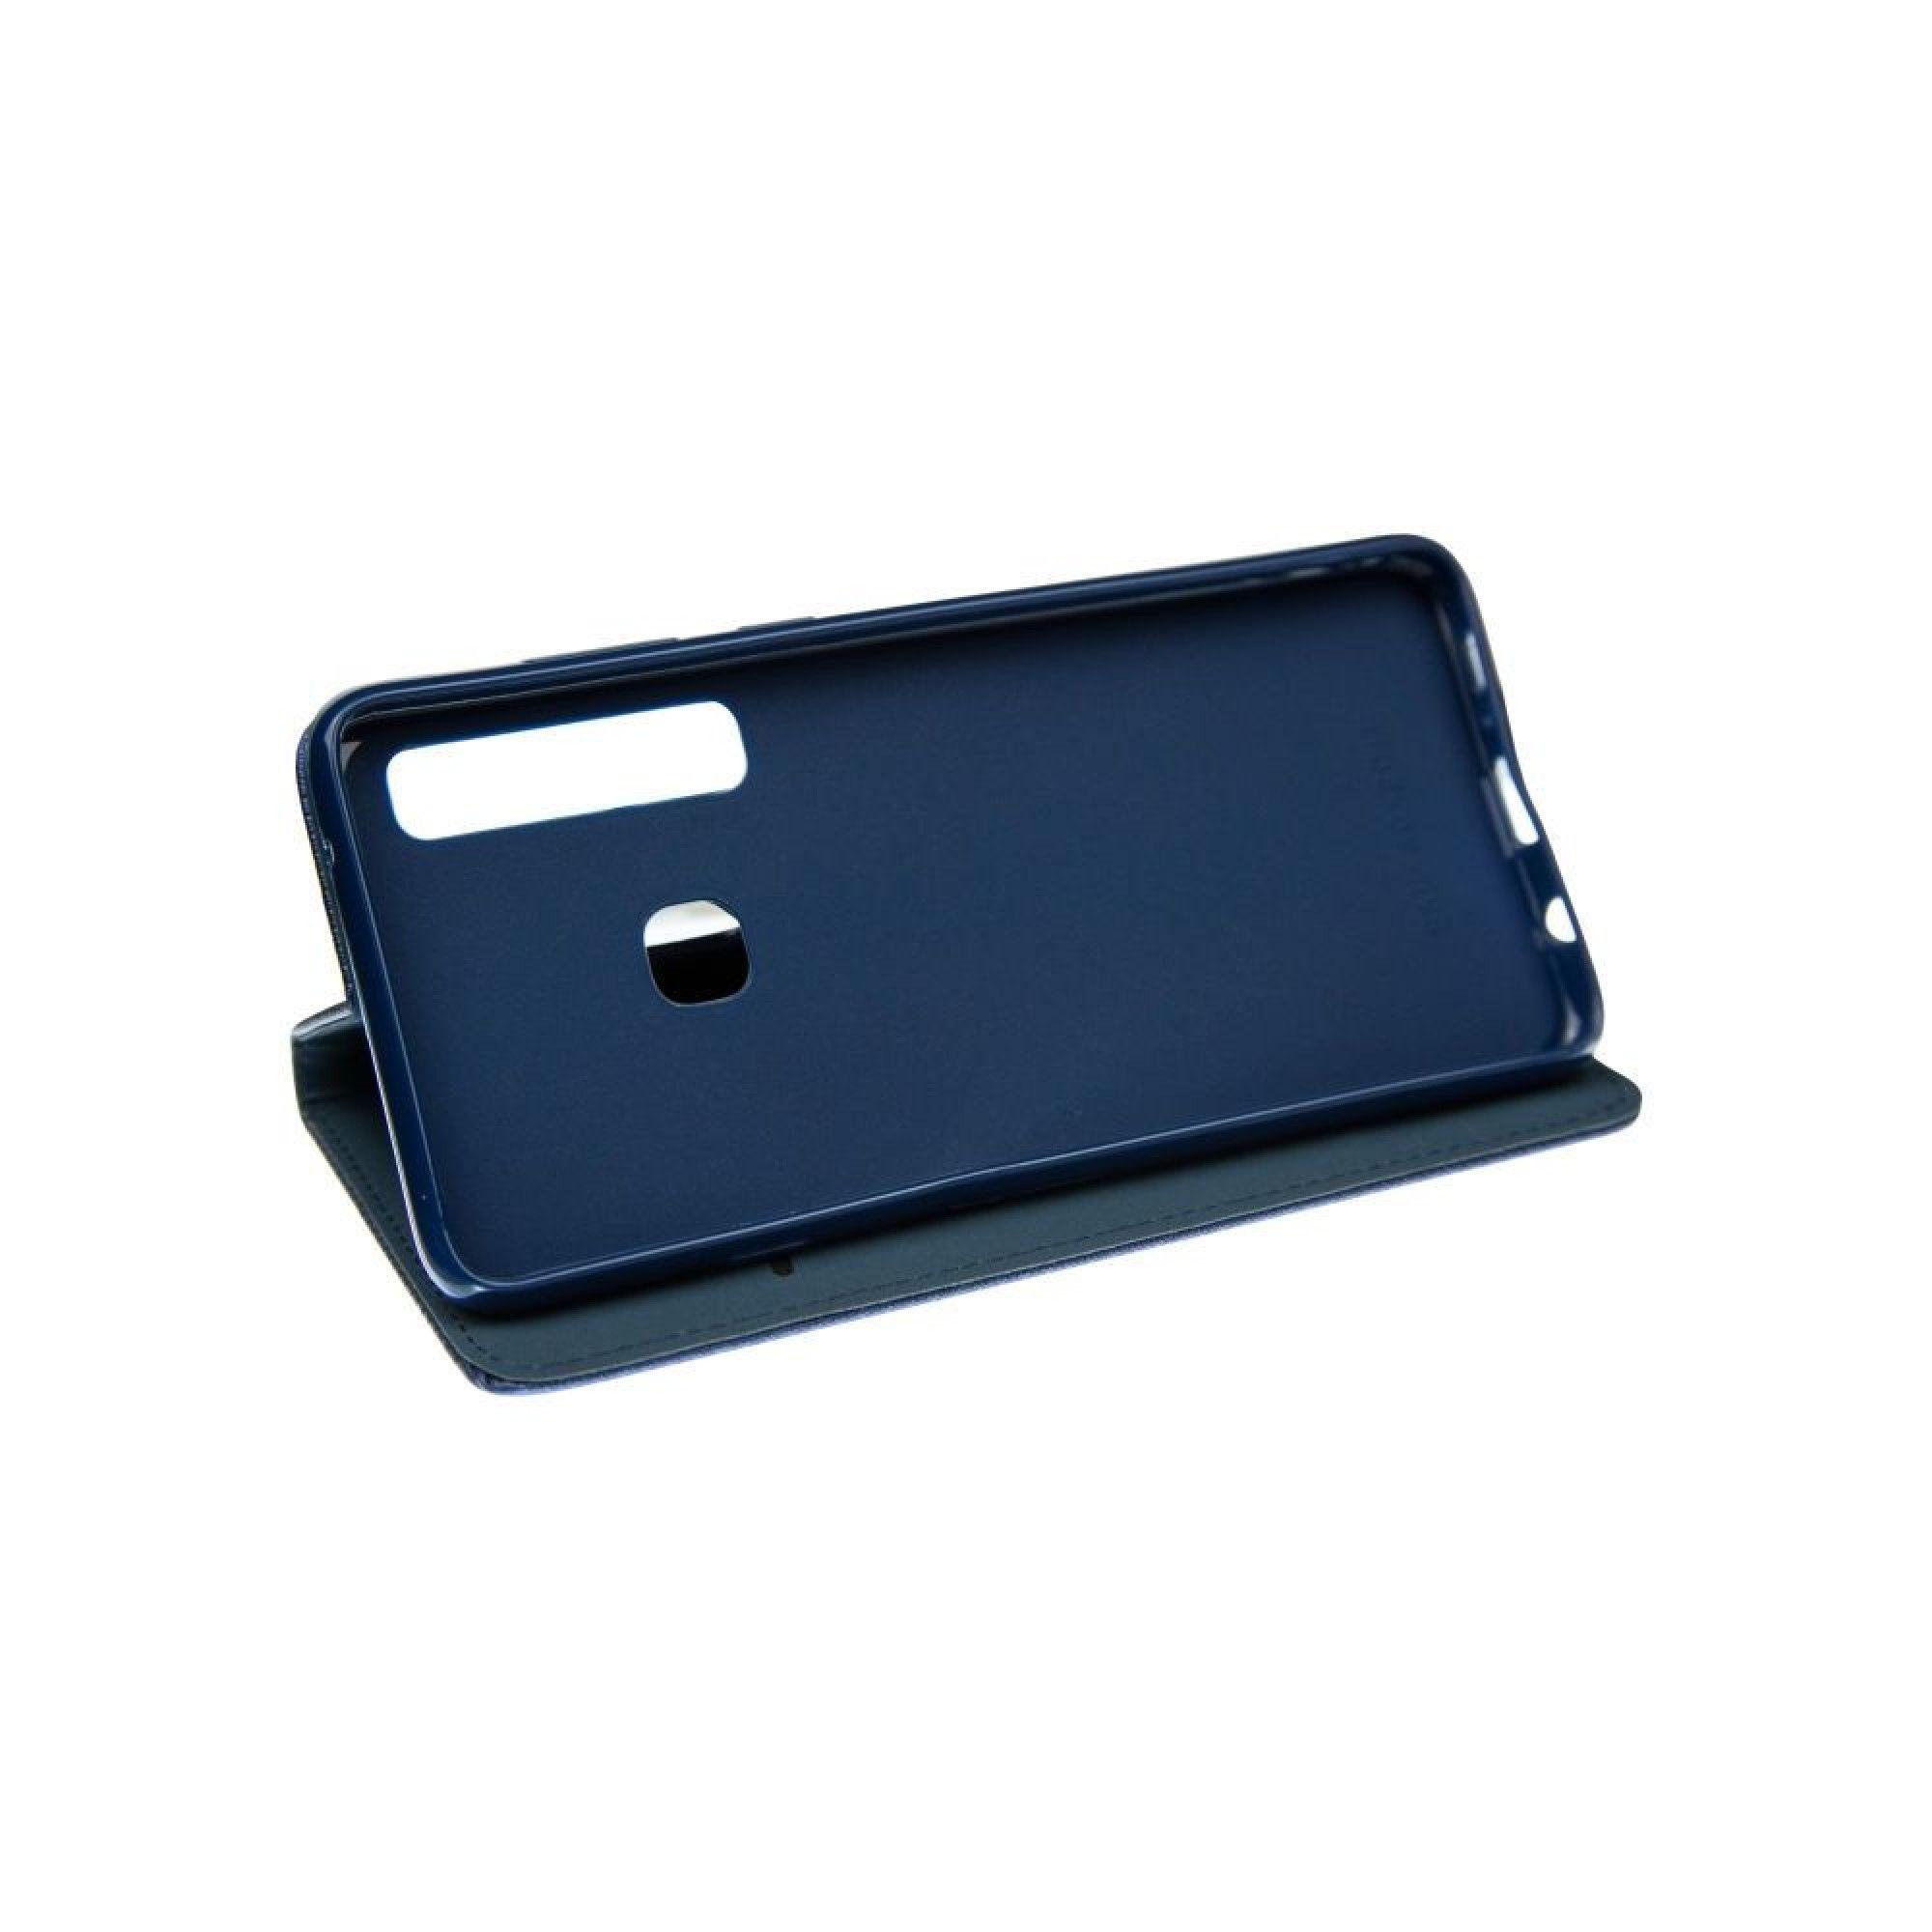 Husa BookCover Smart Pentru Samsung Galaxy A9 (2018), Navy